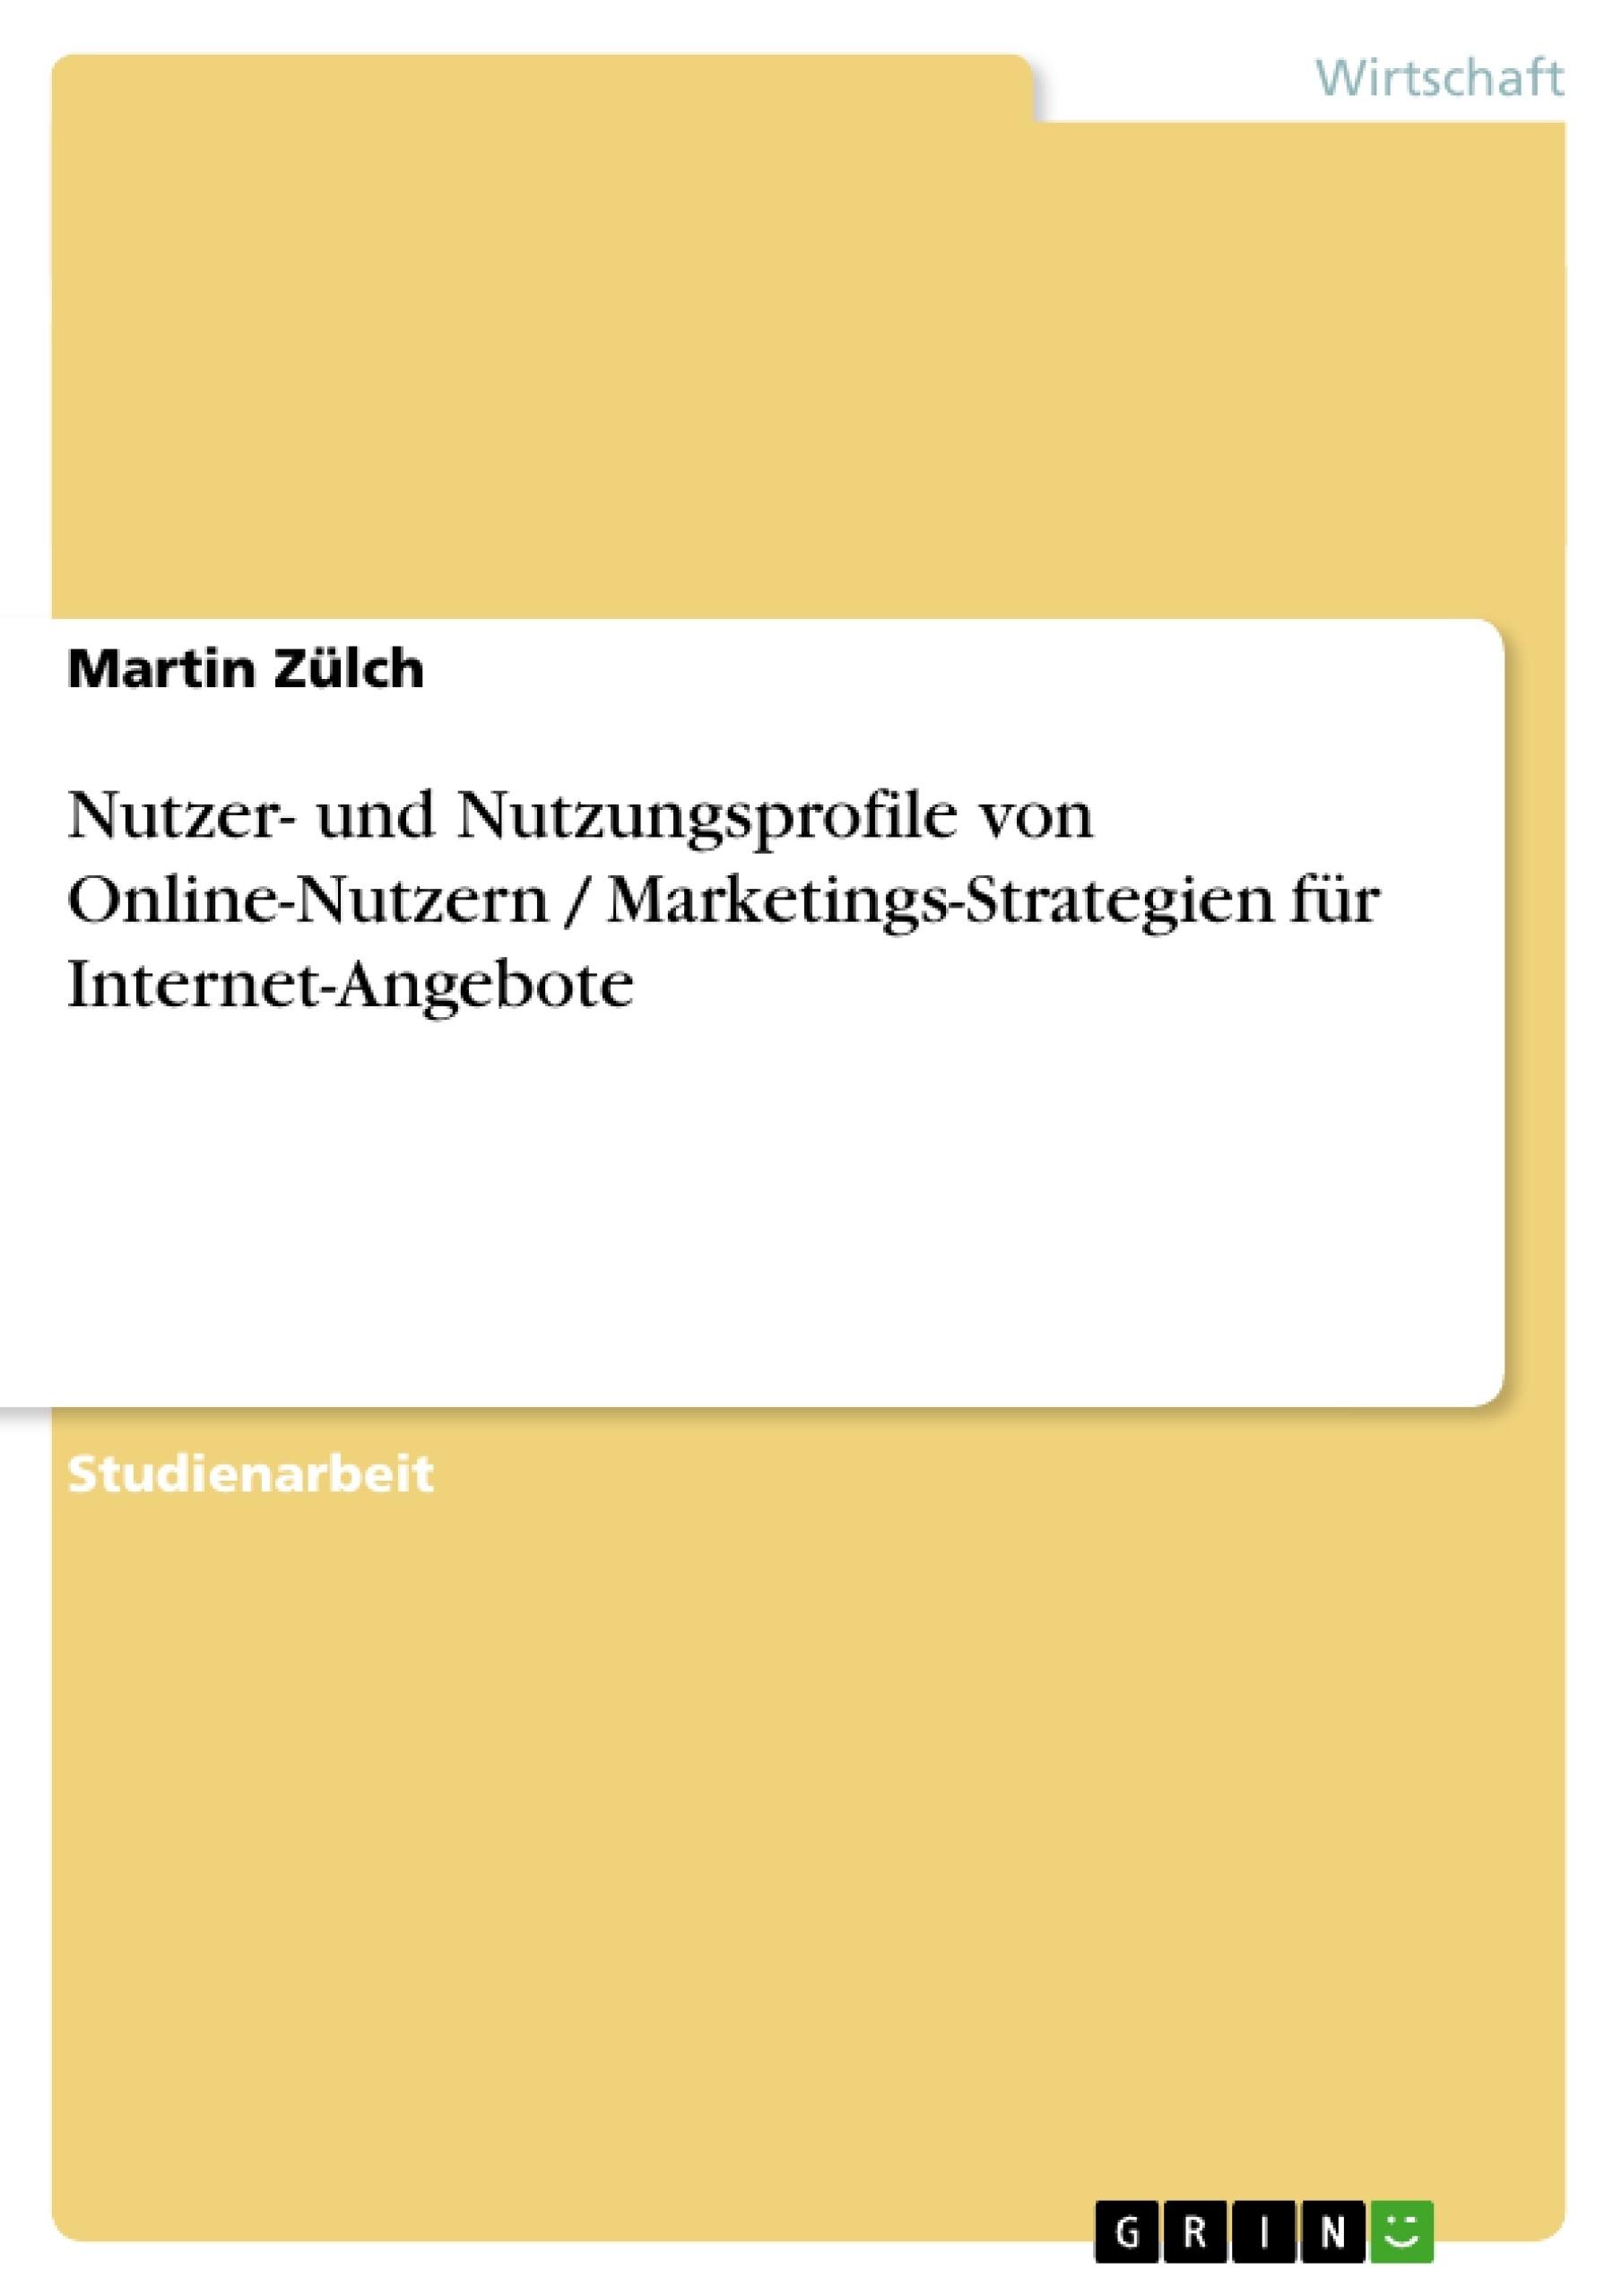 Titel: Nutzer- und Nutzungsprofile von Online-Nutzern / Marketings-Strategien für Internet-Angebote